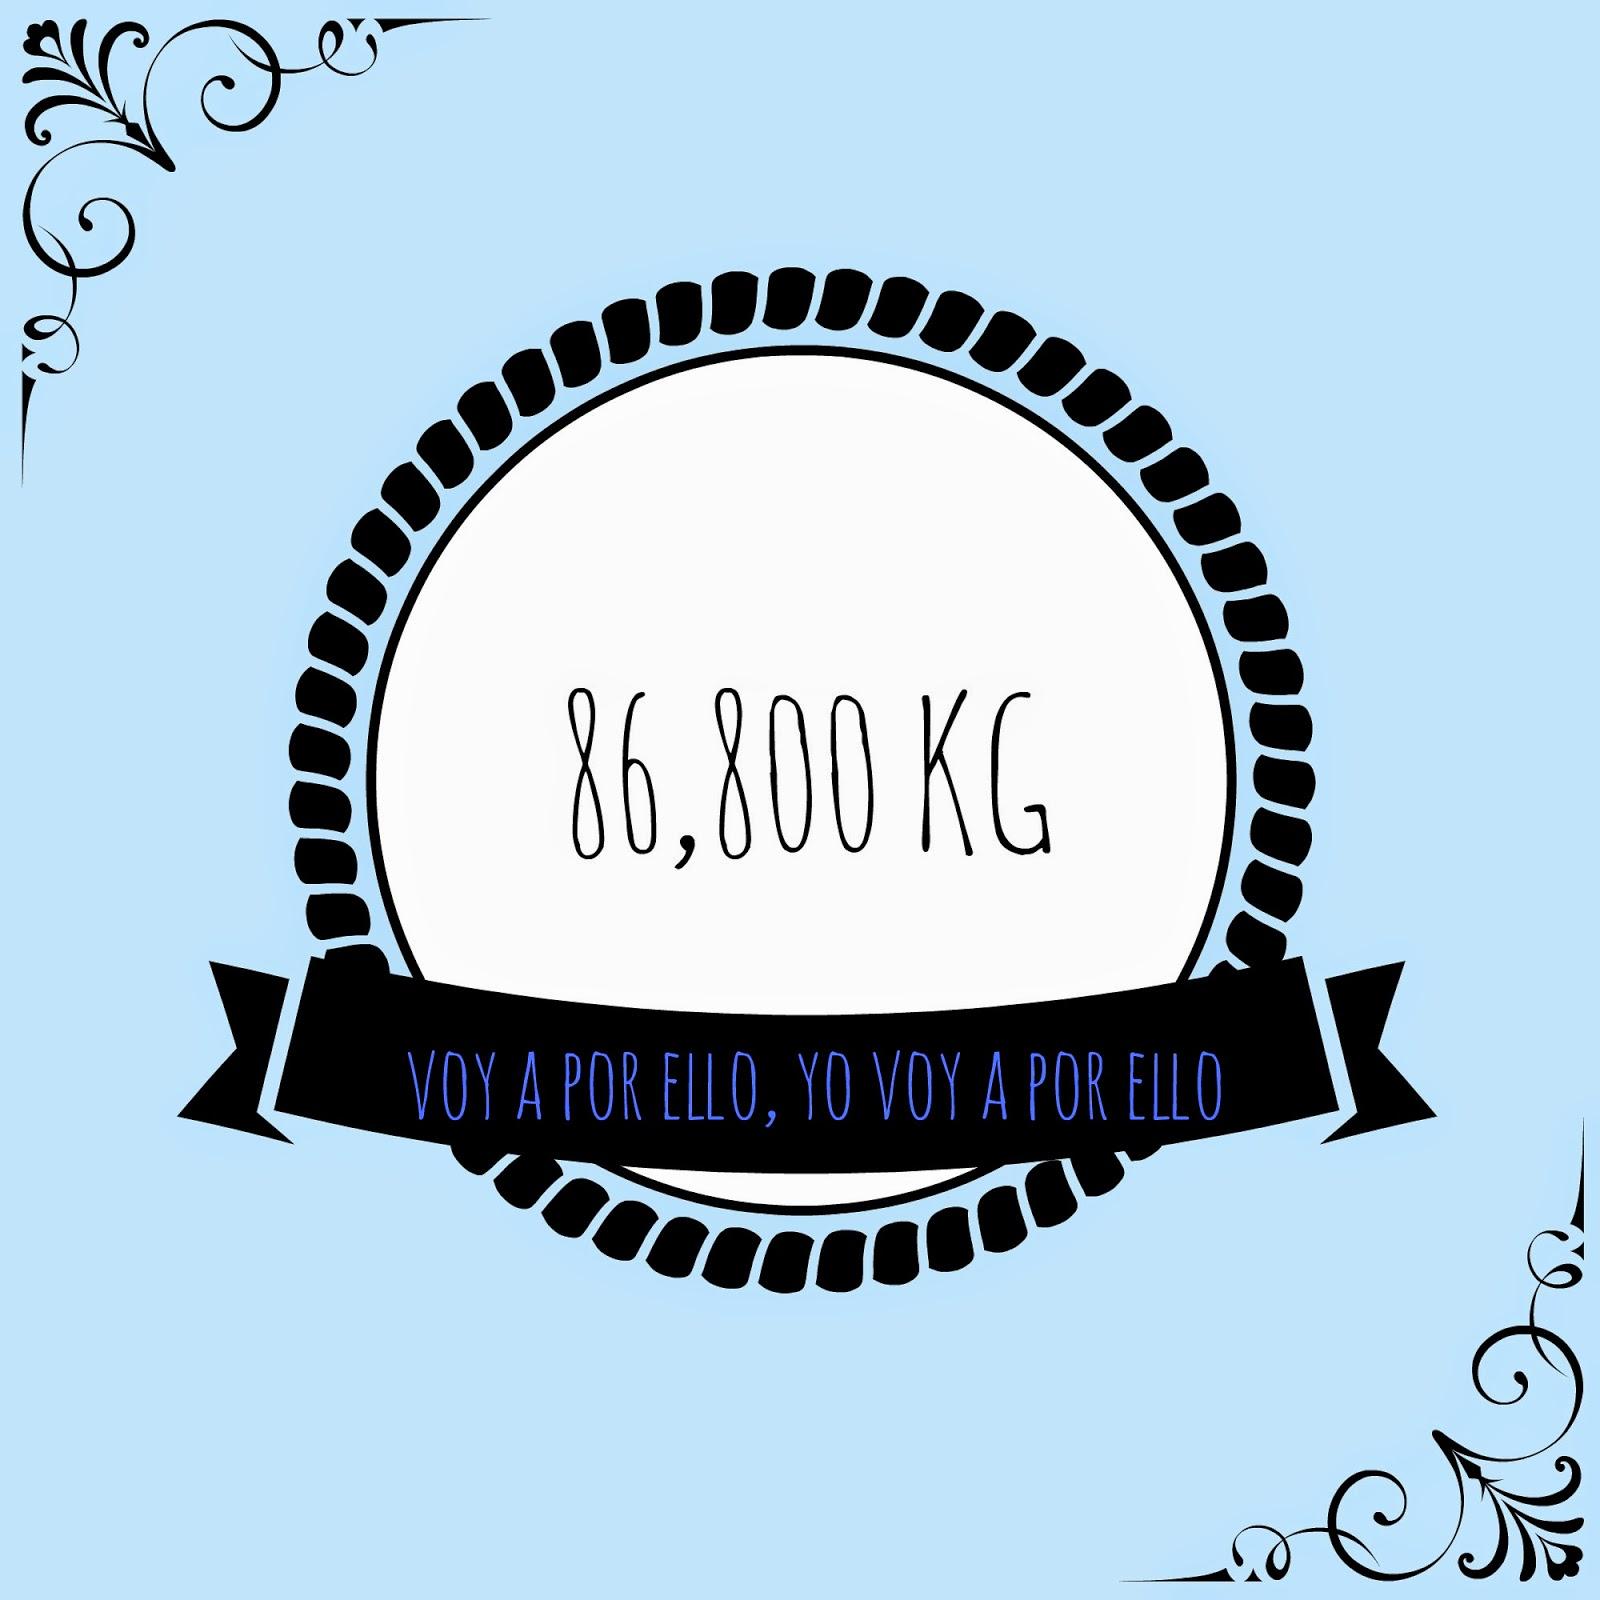 Fsica mejor dietas para bajar de peso en una semana minuto entre